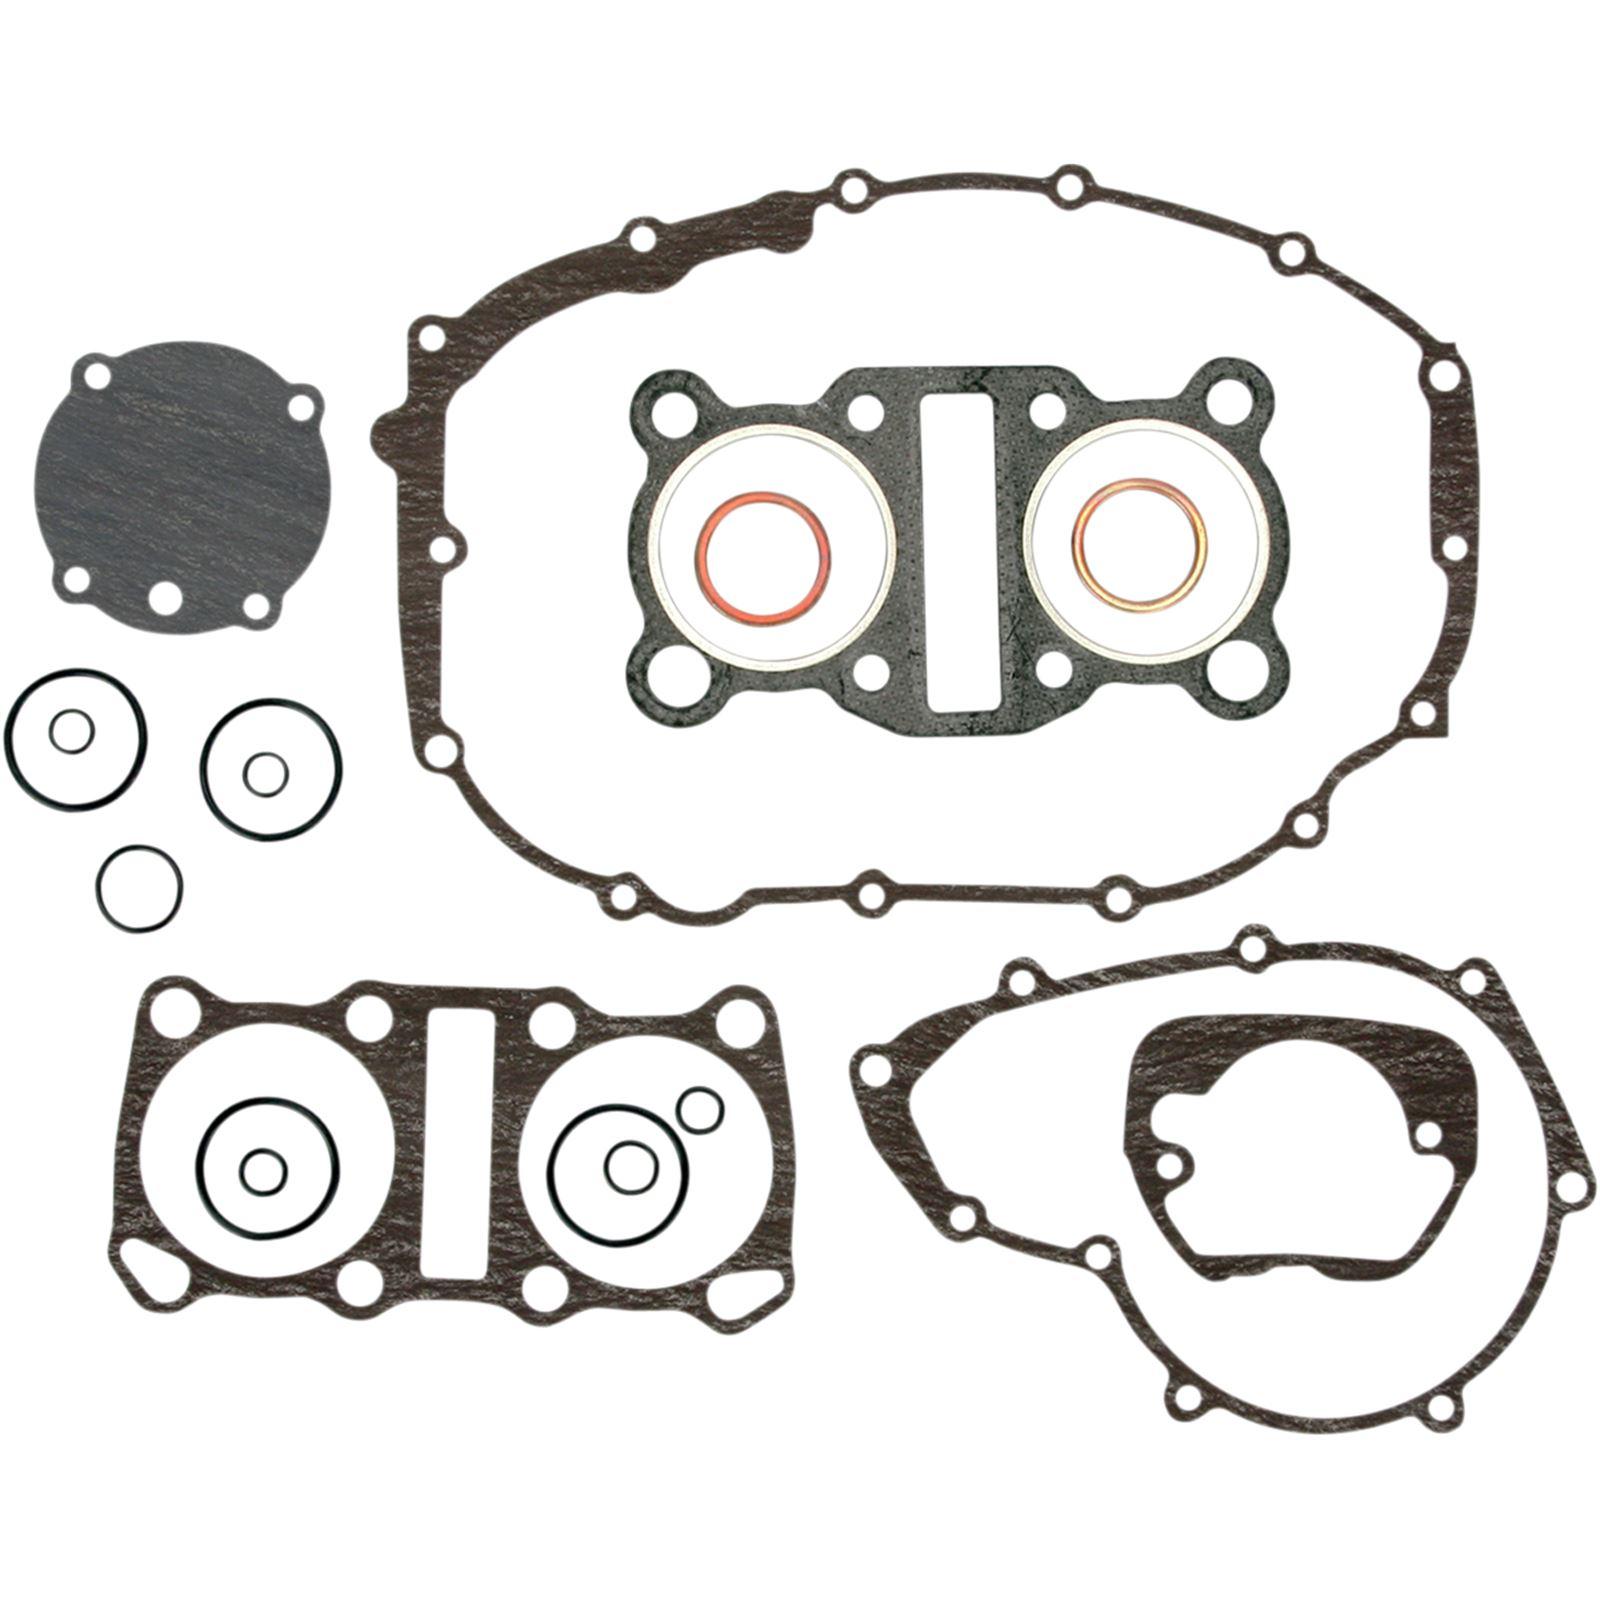 Vesrah Complete Gasket Kit EX/KZ 305